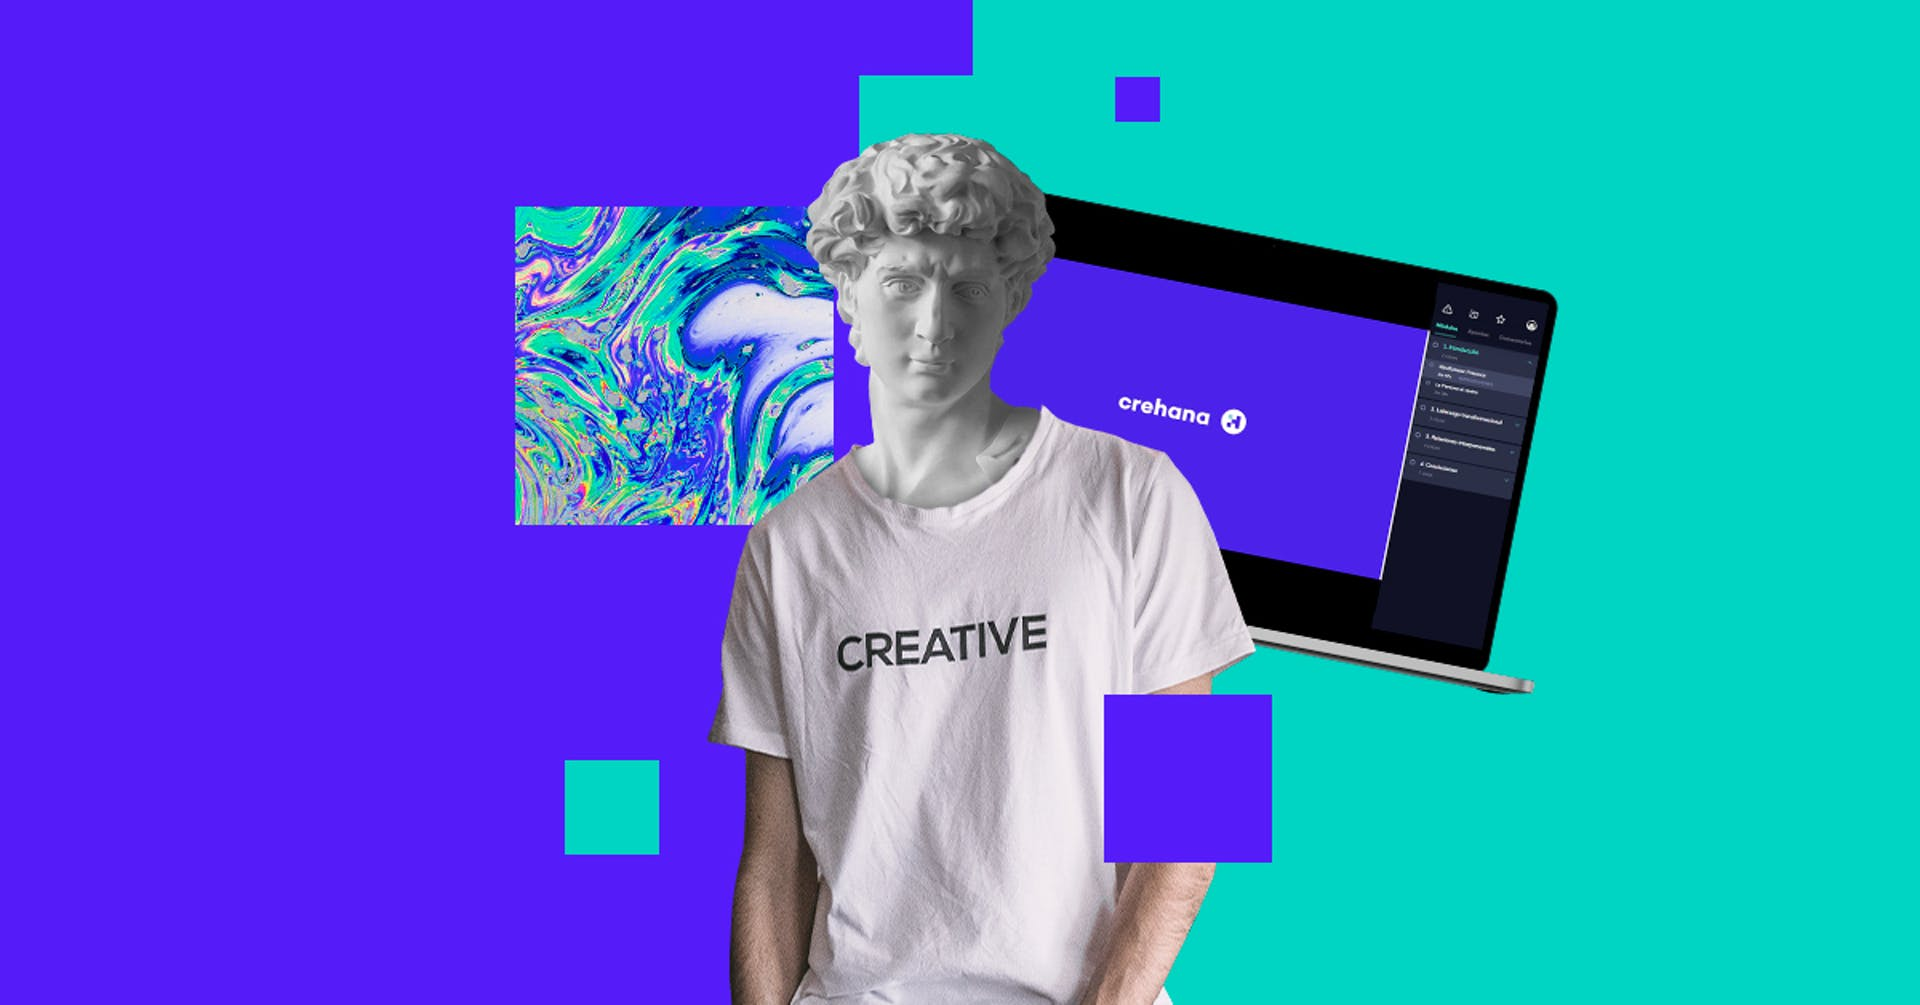 Cursos gratuitos online para creativos, ¿cuál te gustaría llevar?